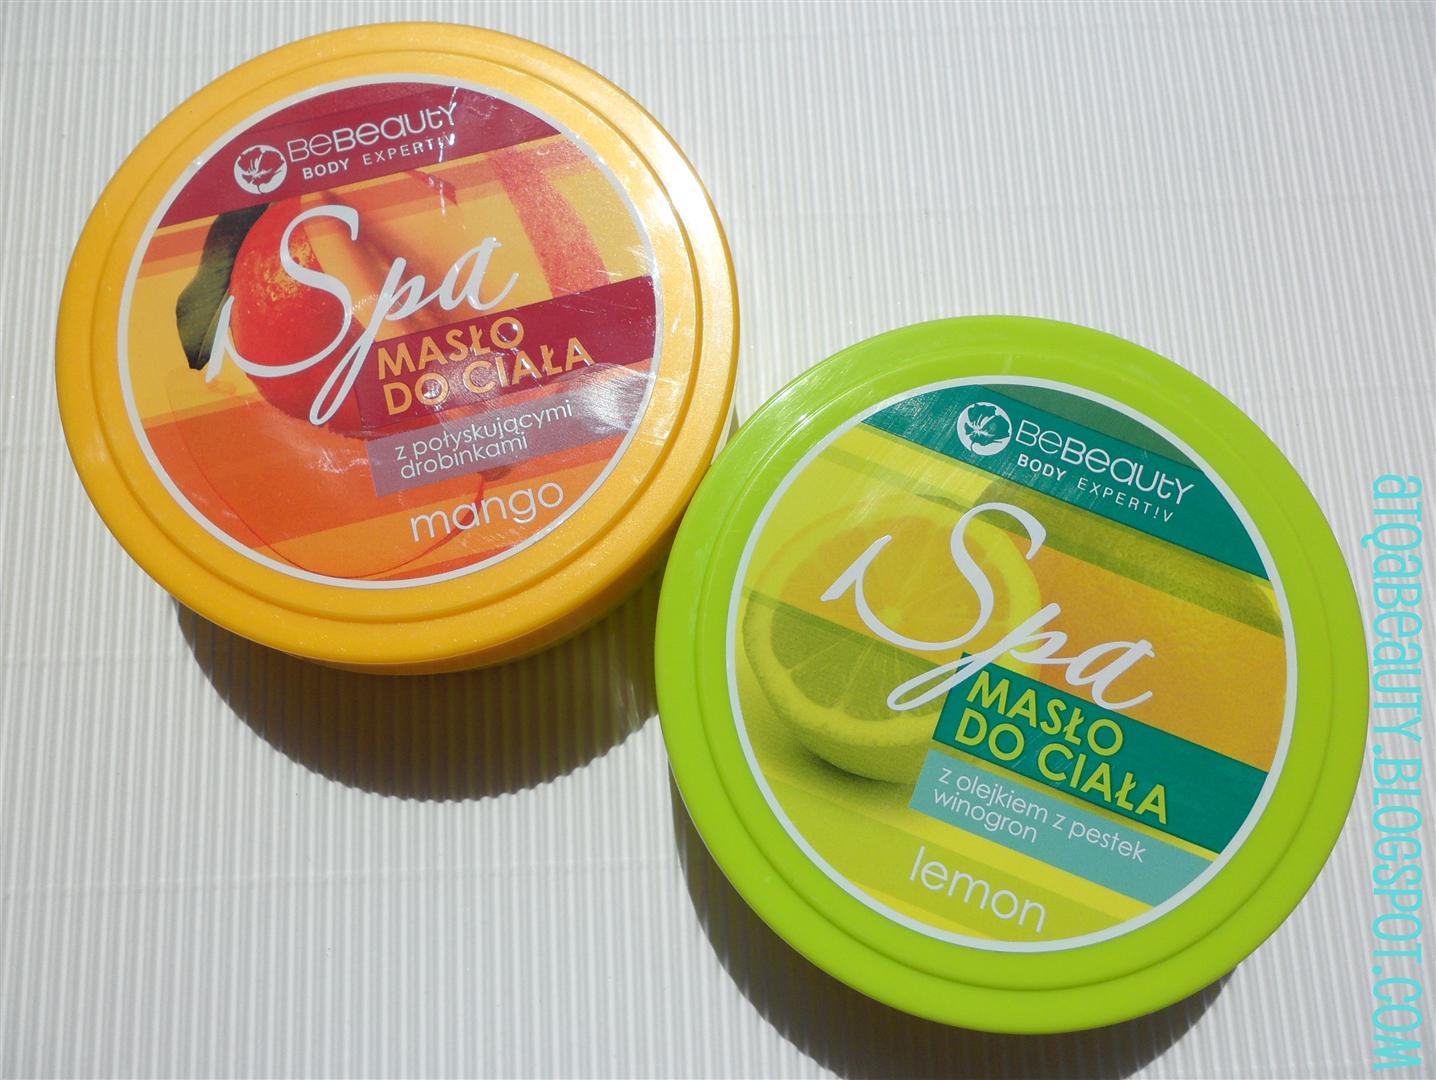 Pielęgnacja :: Body Expert!v SPA – masła do ciała z Biedronki